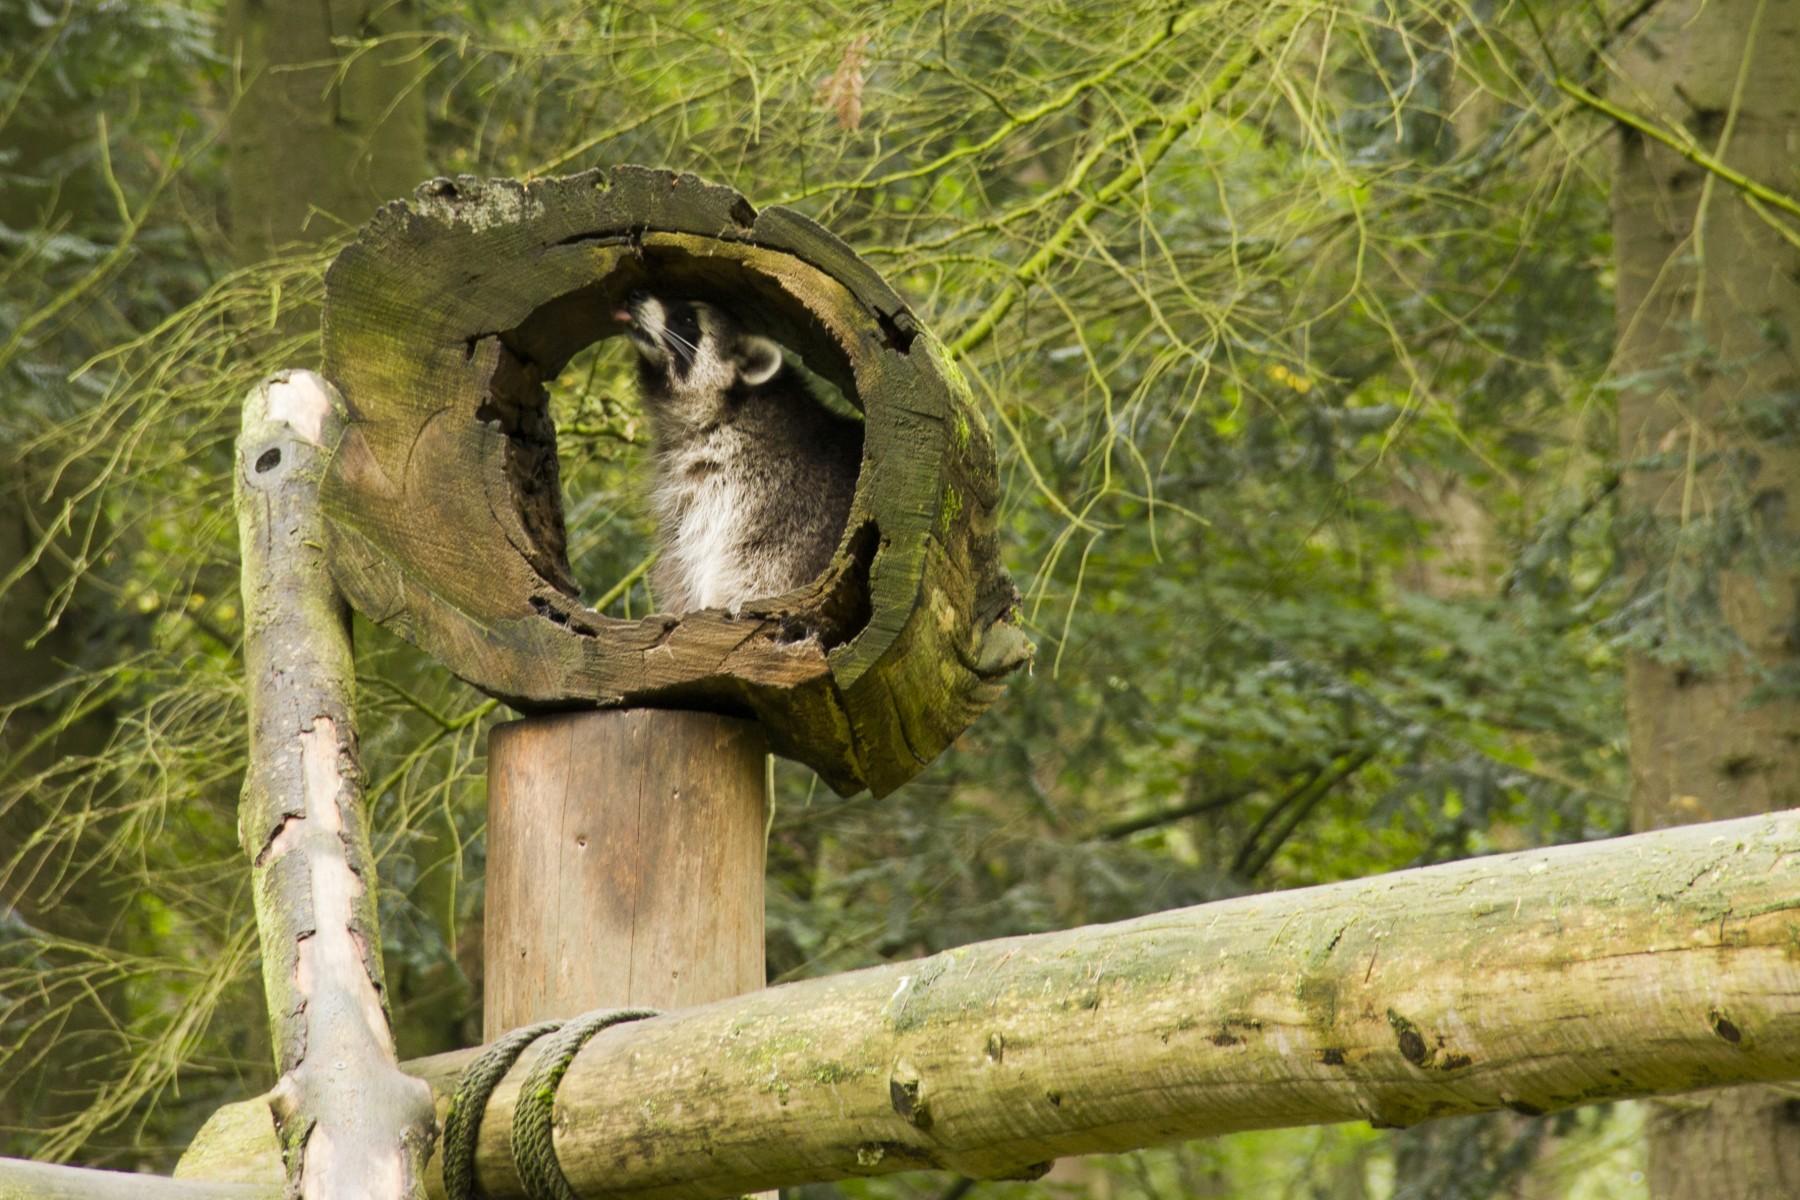 biotopwildpark-anholter-schweiz-201019-isselburg-dld_mg_7642b